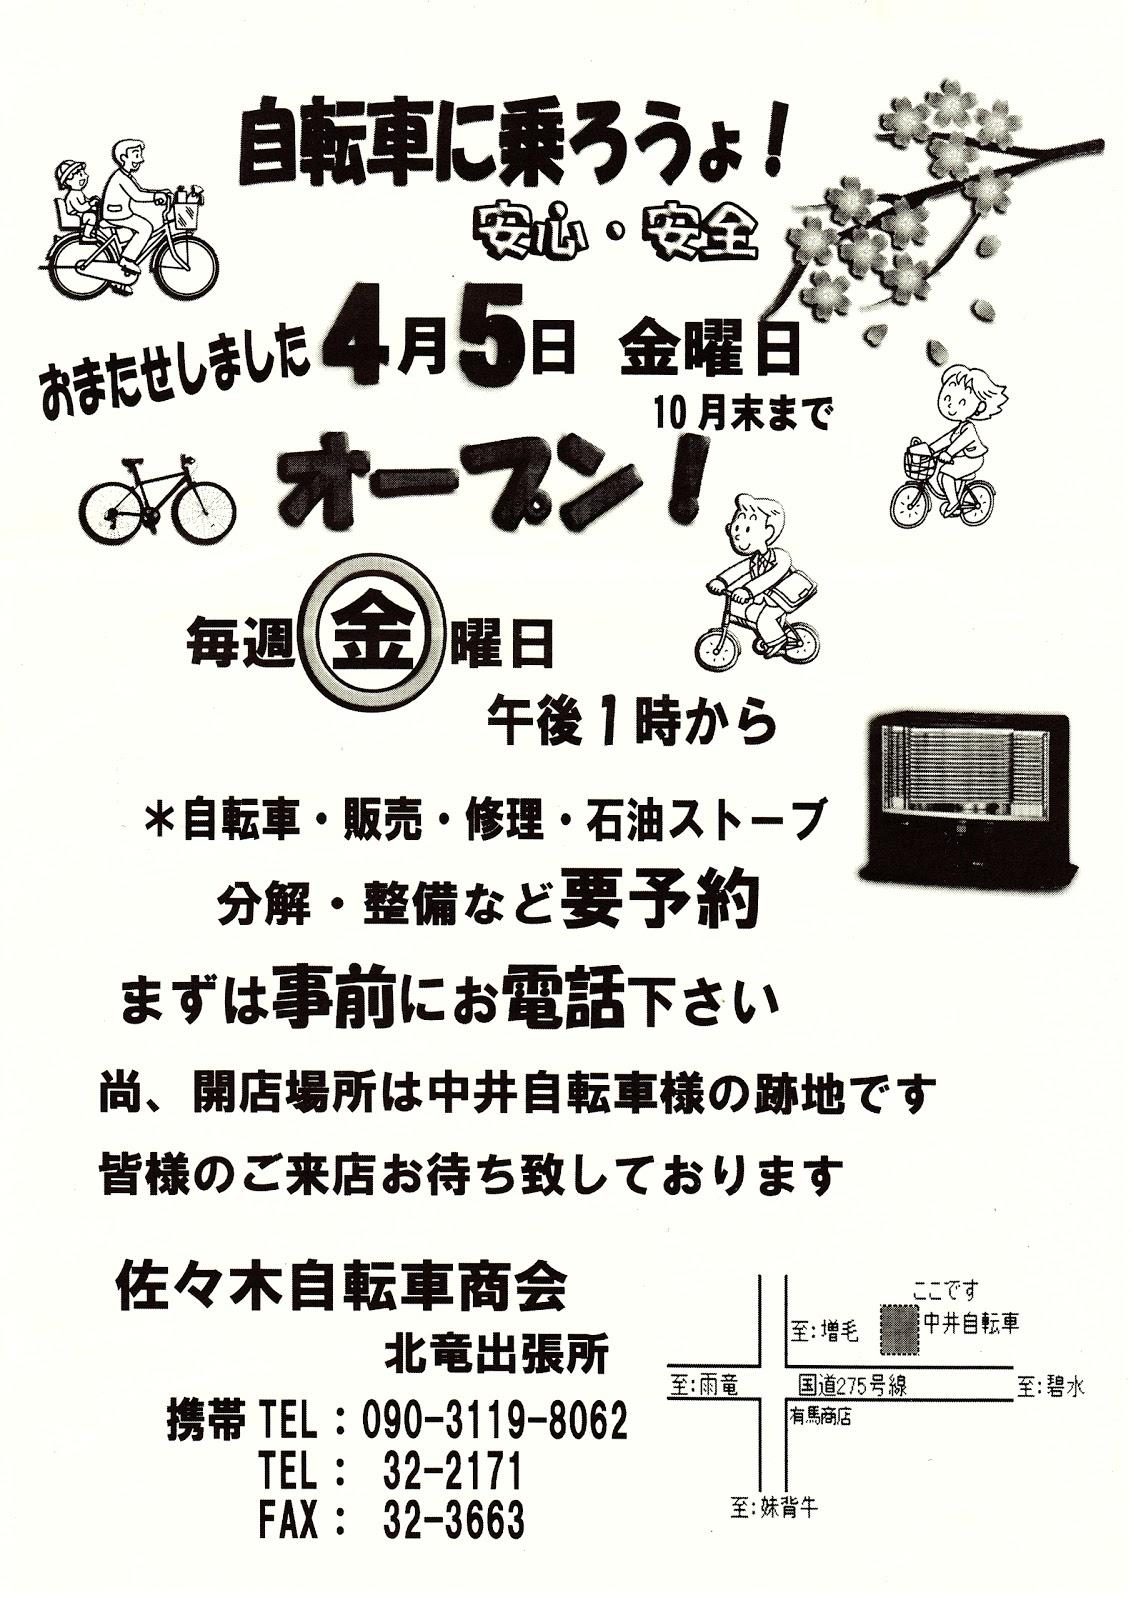 佐々木自転車商会北竜出張所